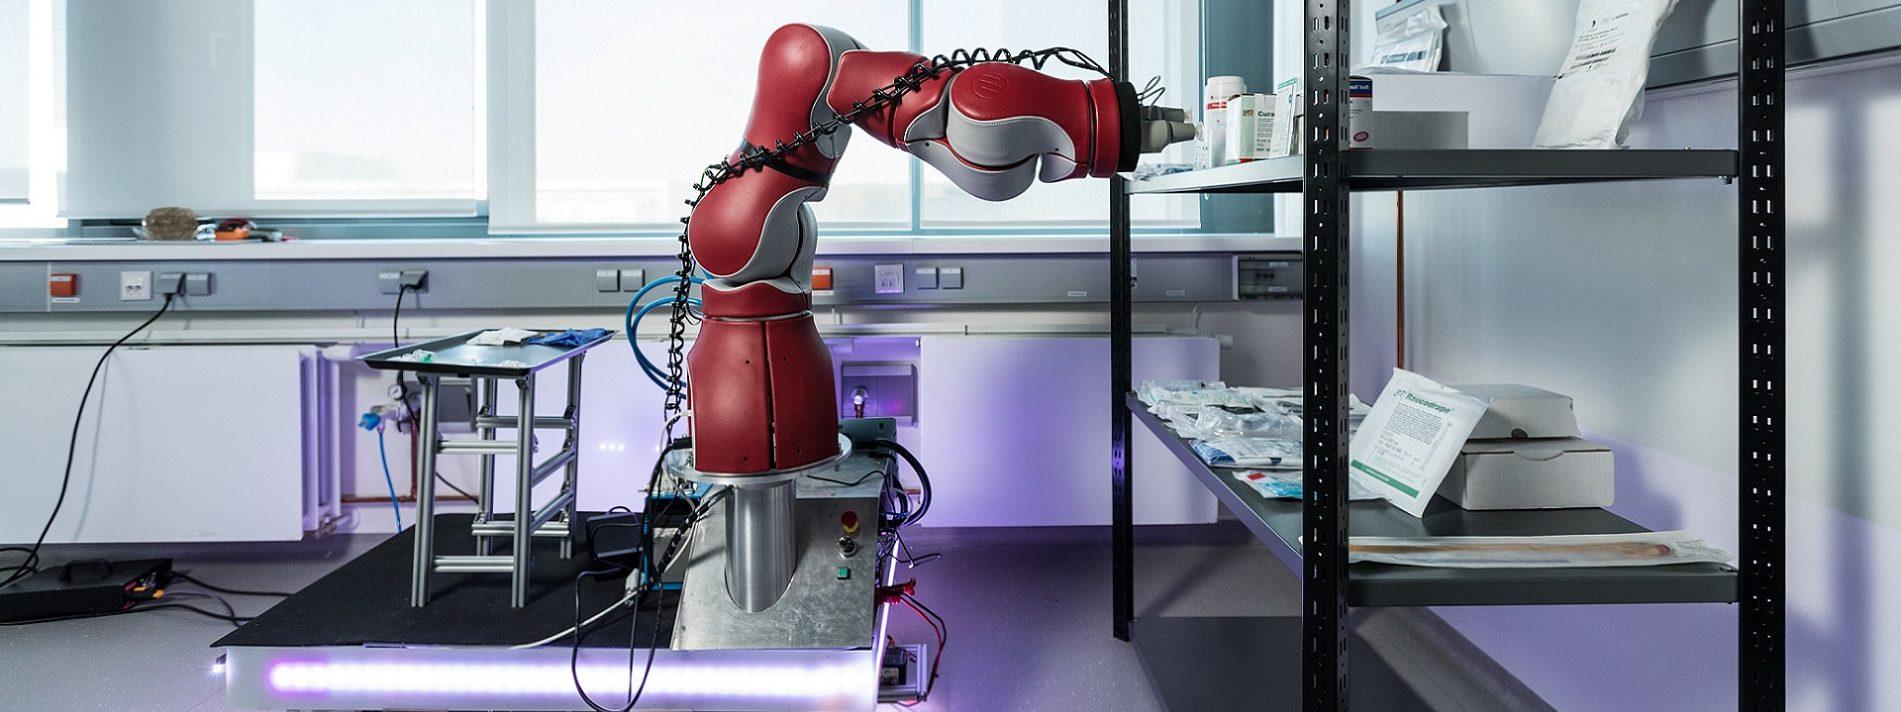 Kognitive Robotik: Wahrnehmung und Handlungsfähigkeit von Robotern.